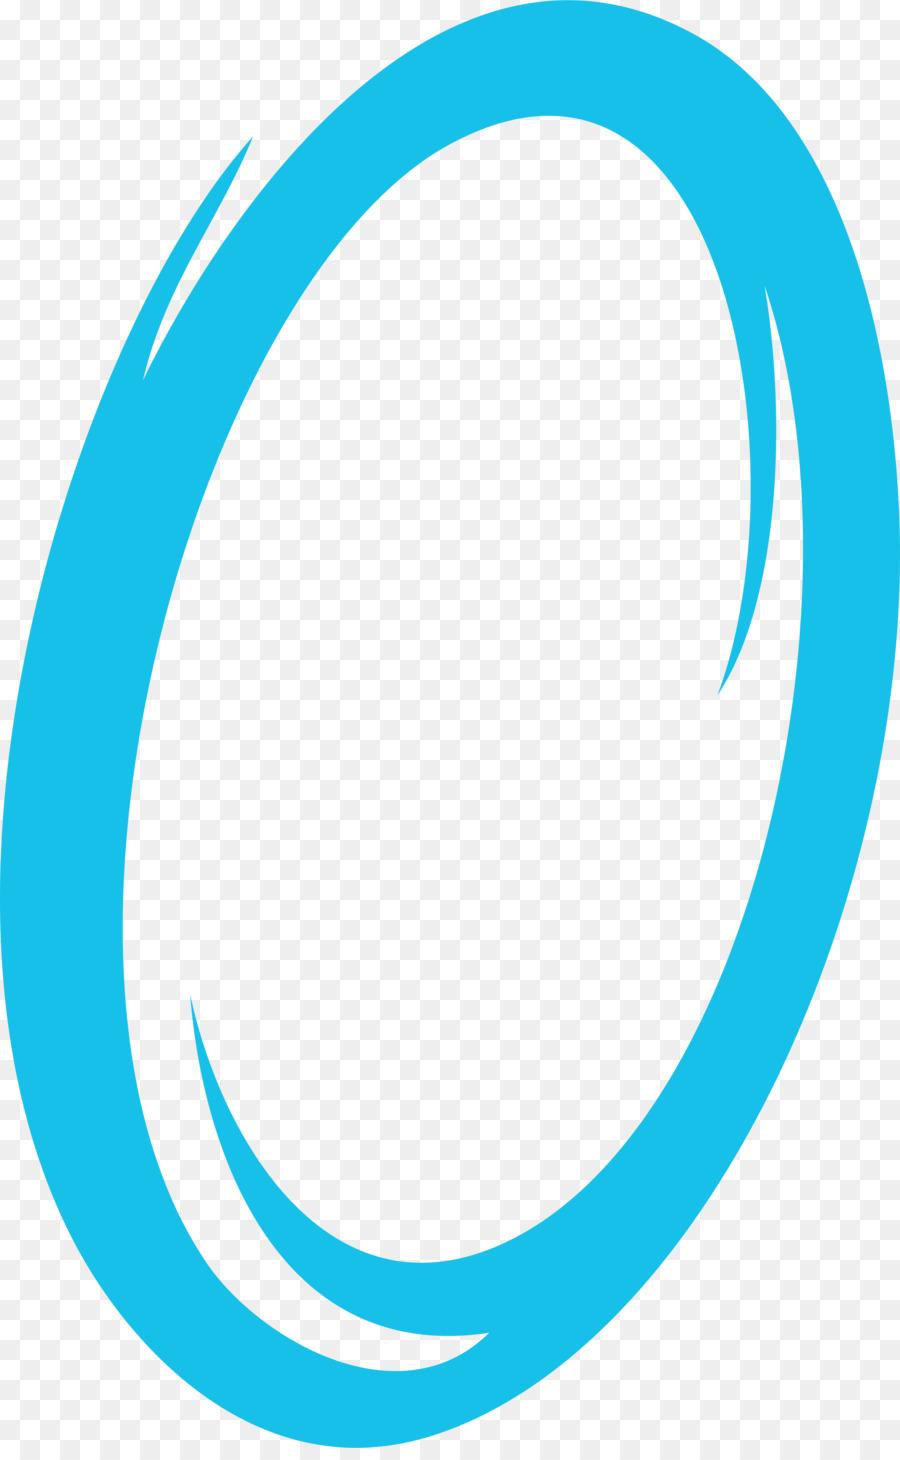 900x1460 Portal 2 Coloring Book Logo Vector Graphics